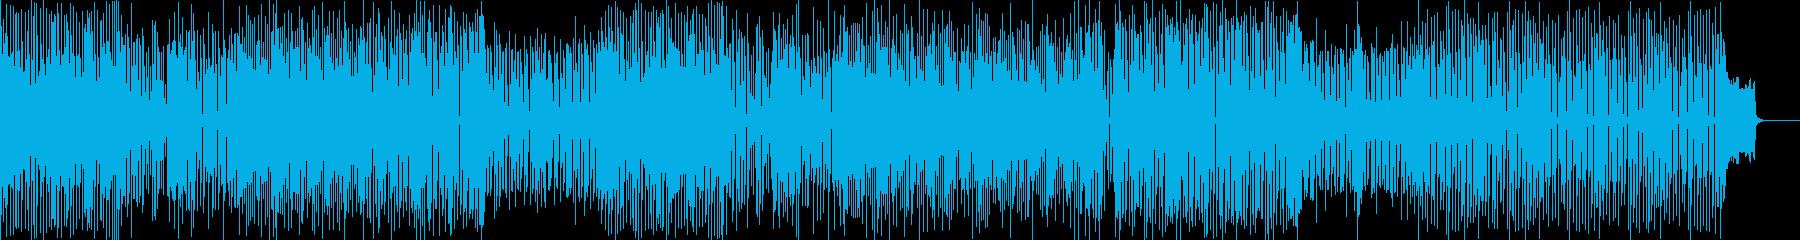 新年を明るく迎えるような和風な音楽ですの再生済みの波形